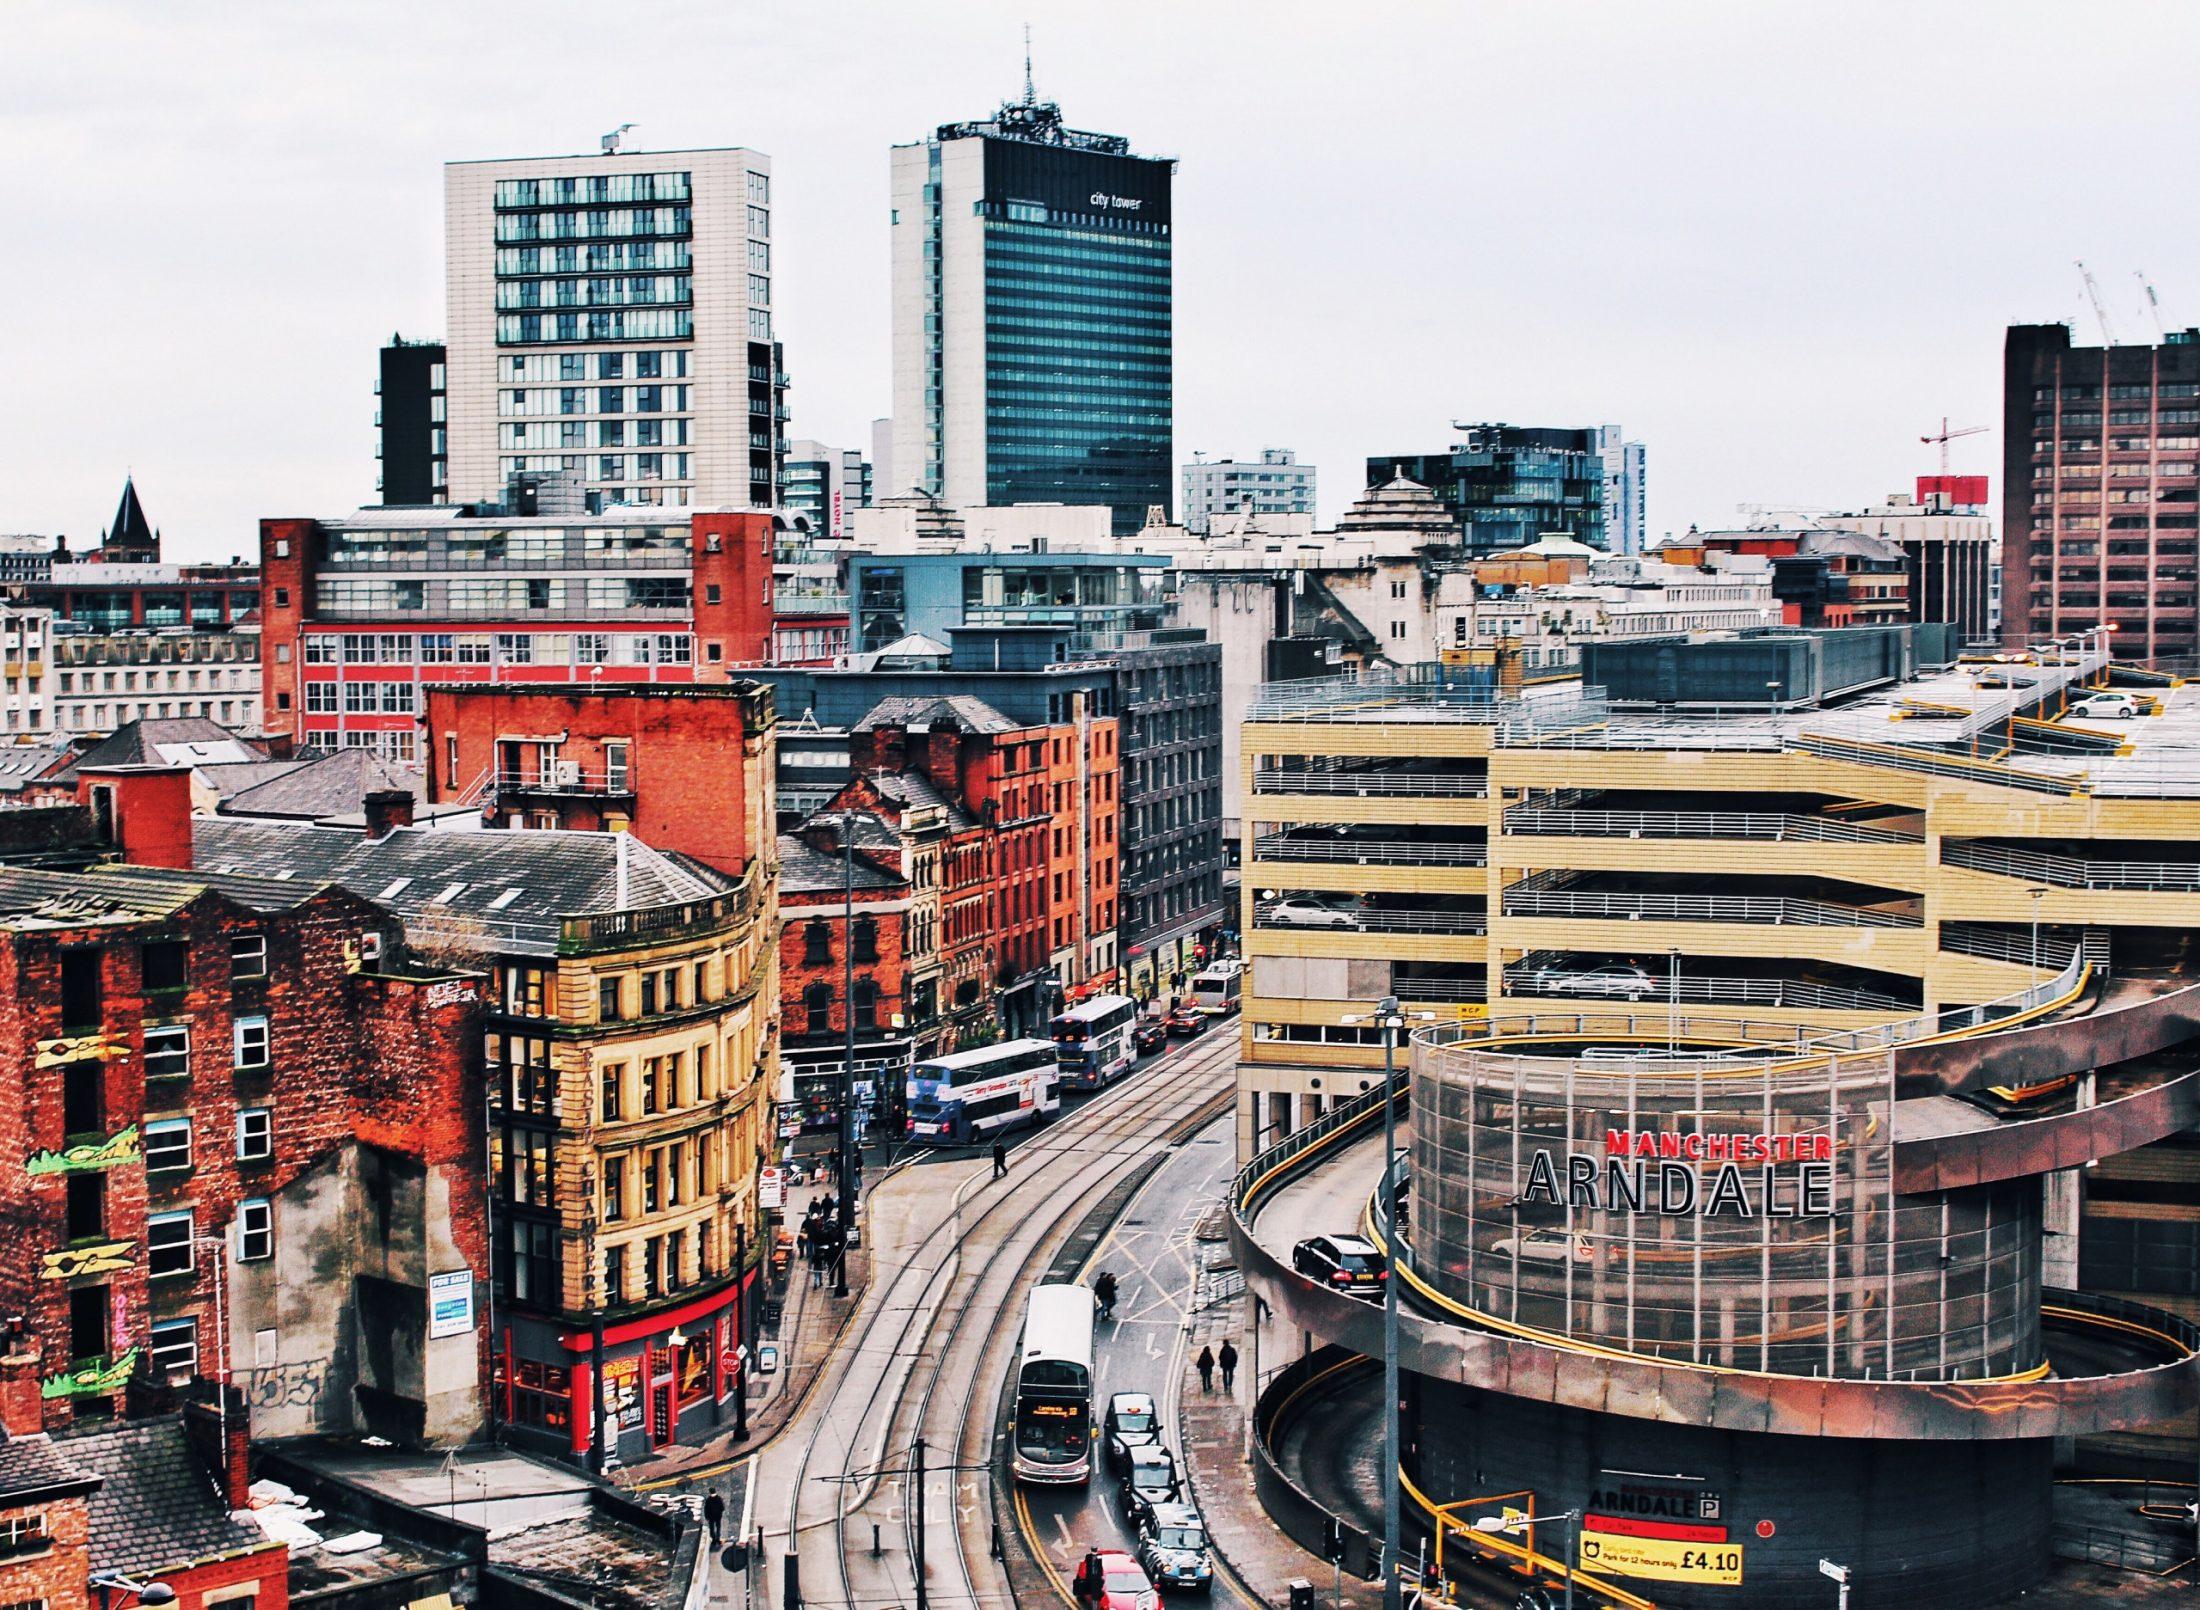 An urban scene in Manchester